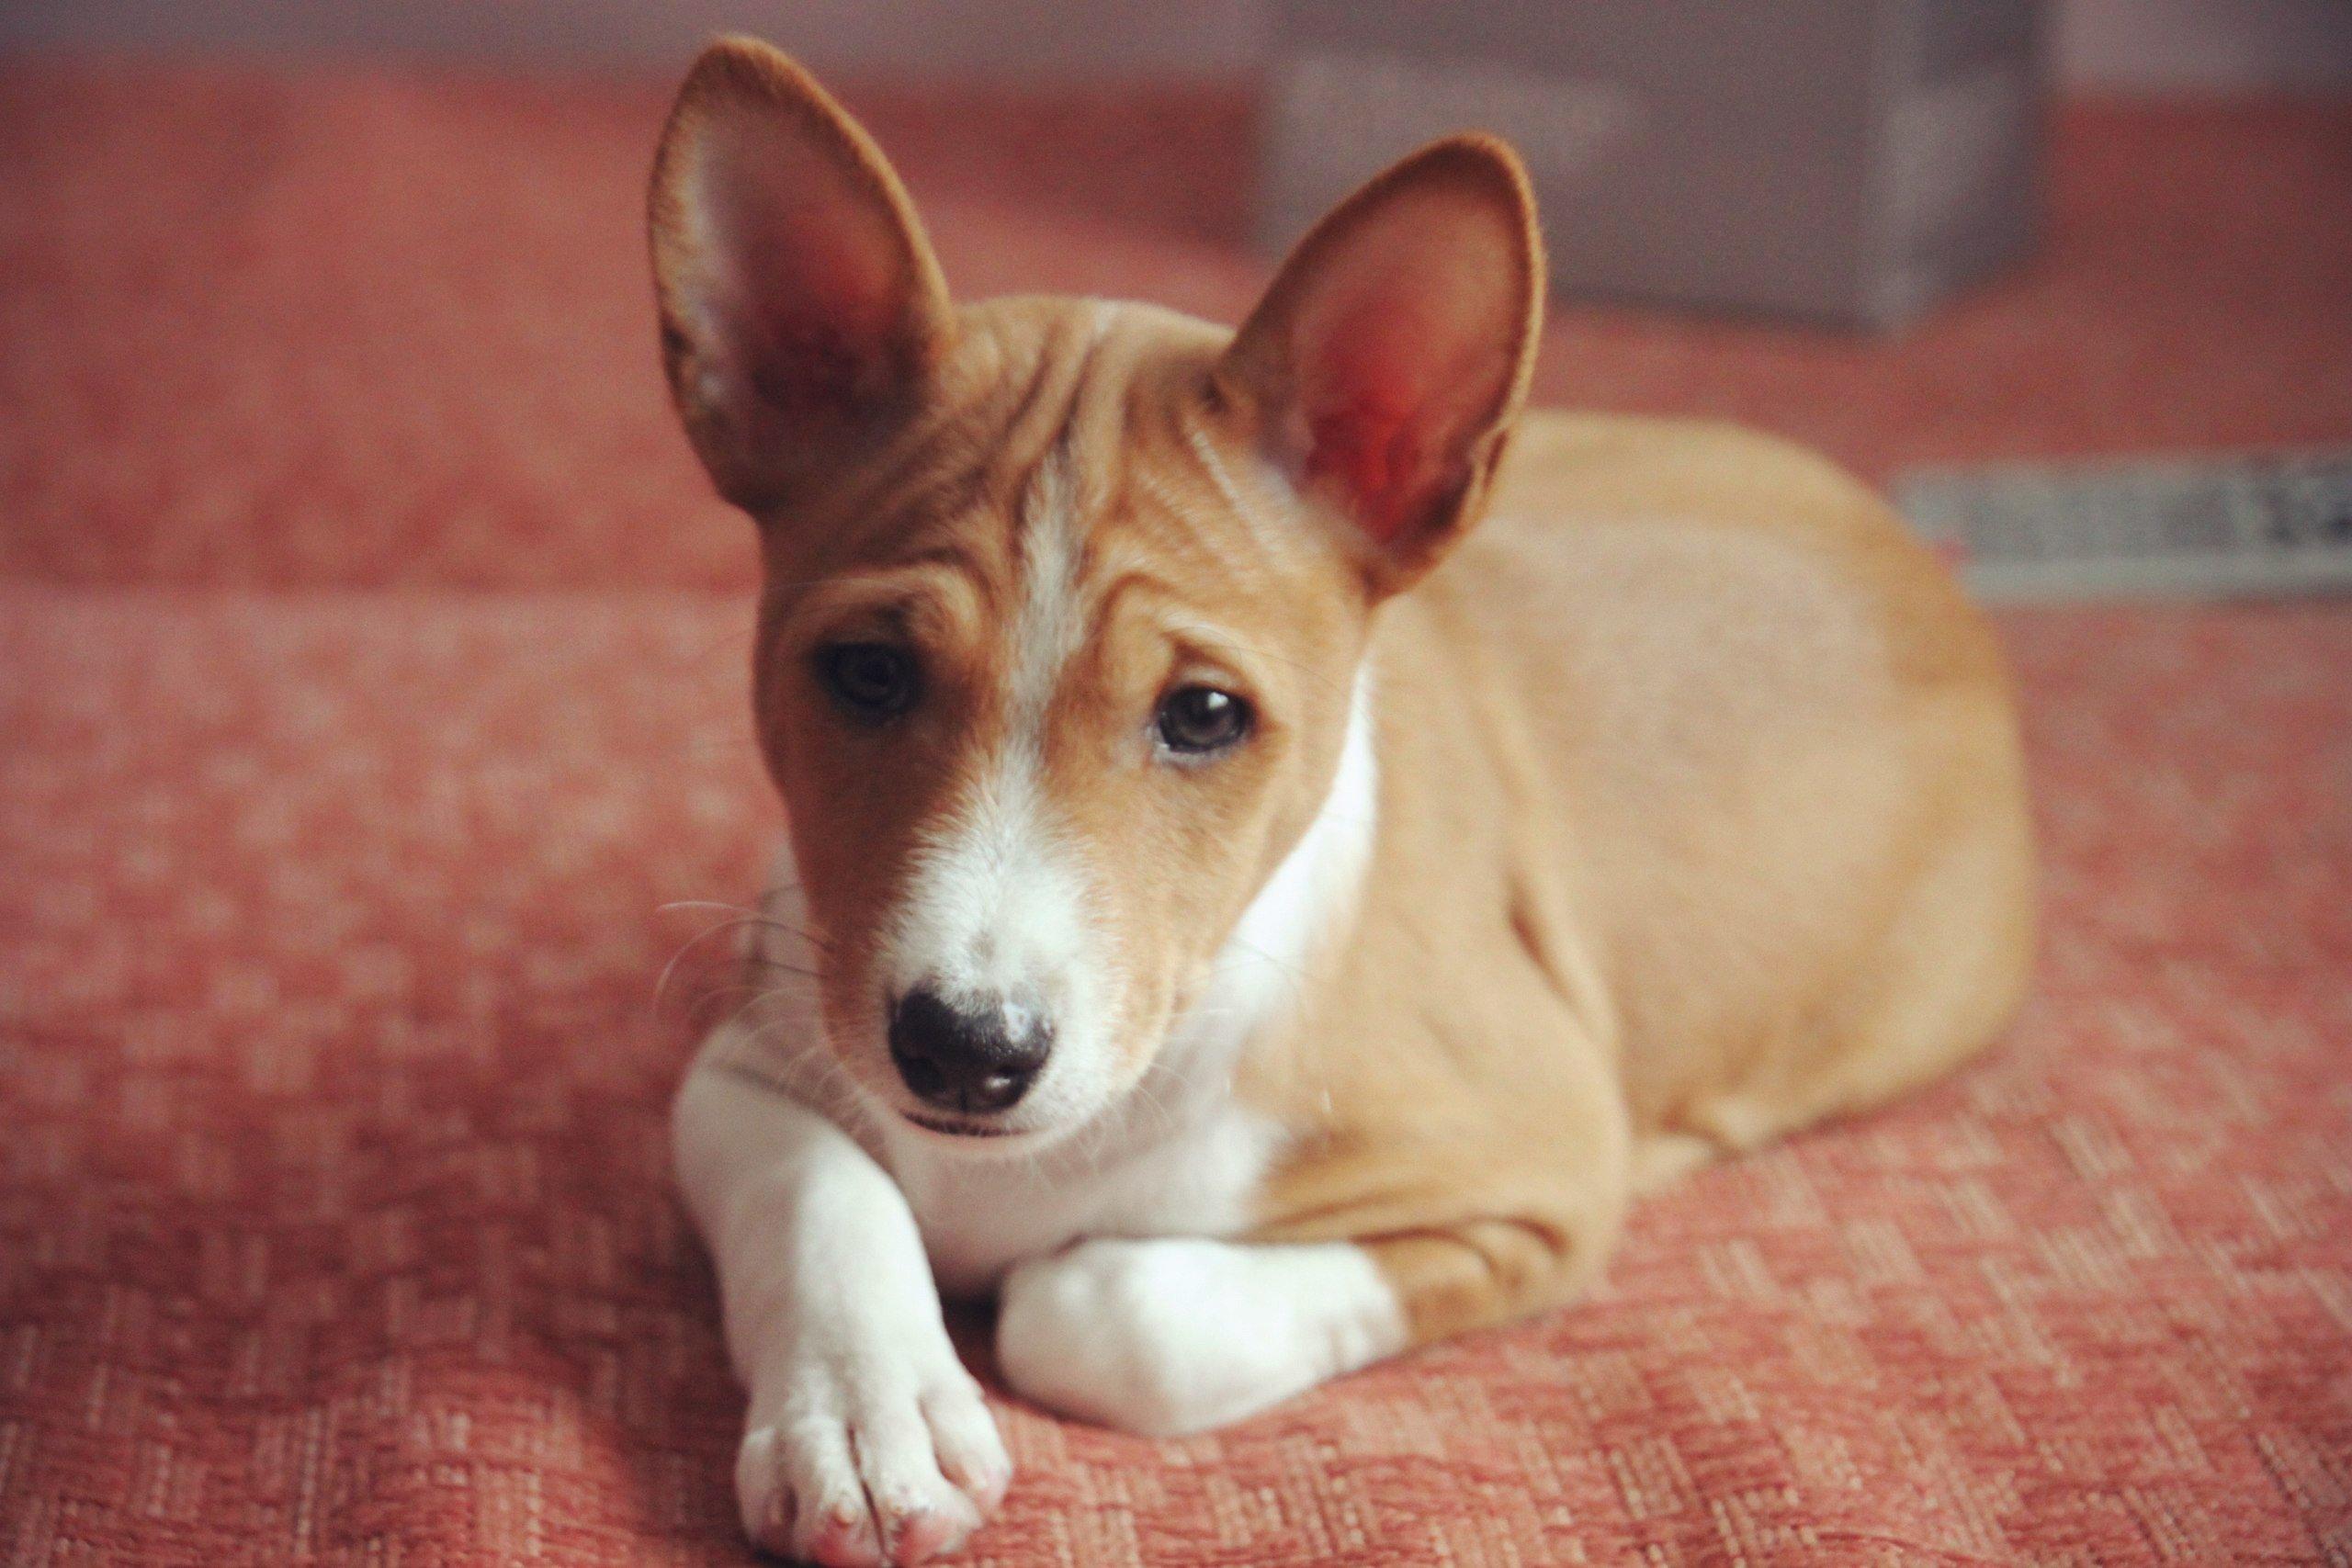 Нелающая порода собак басенджи - описание, характер, характеристика, фото басенджи и видео, цена